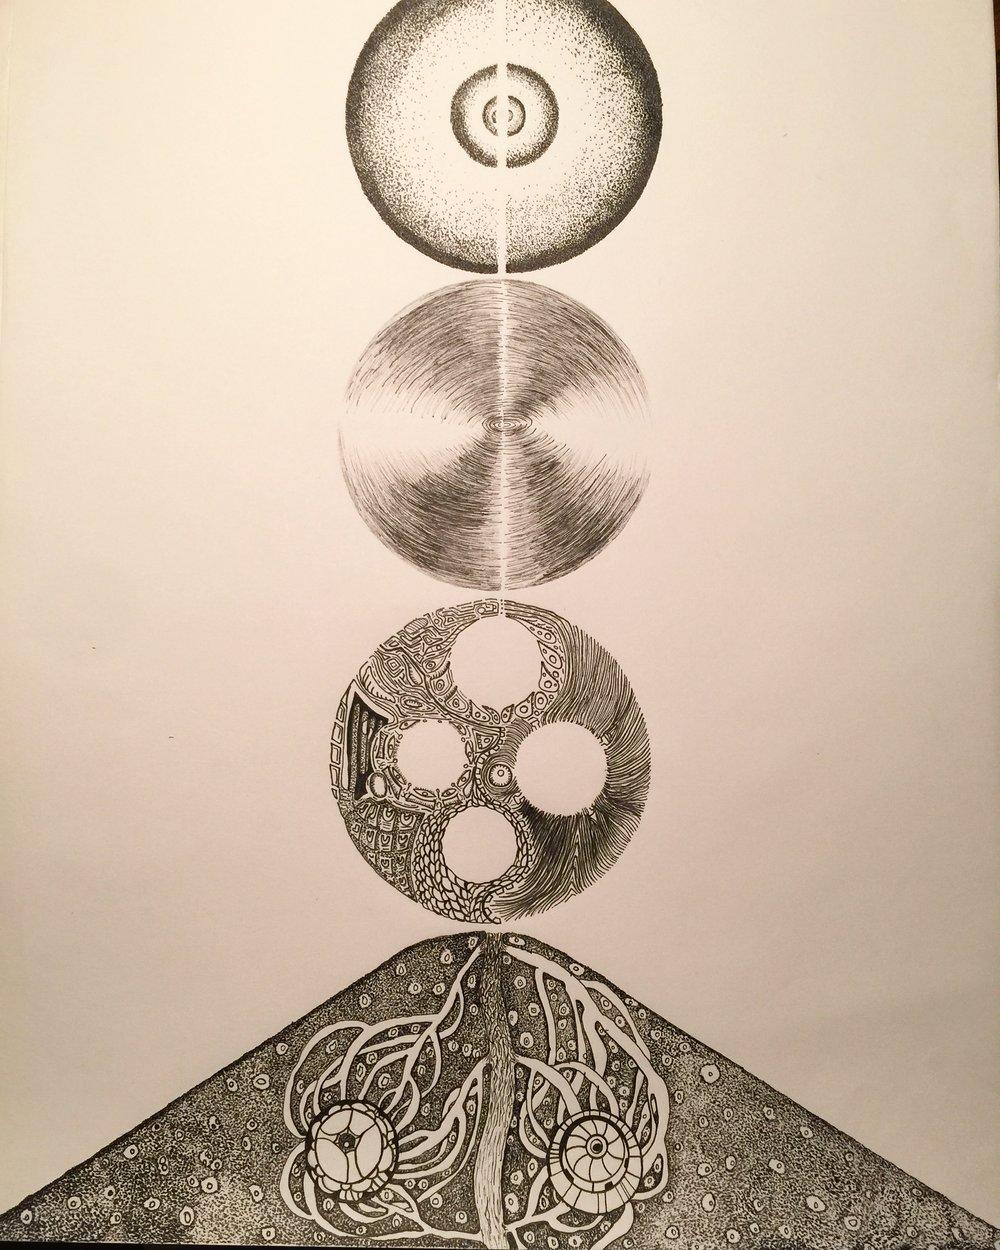 Birth through Parallels